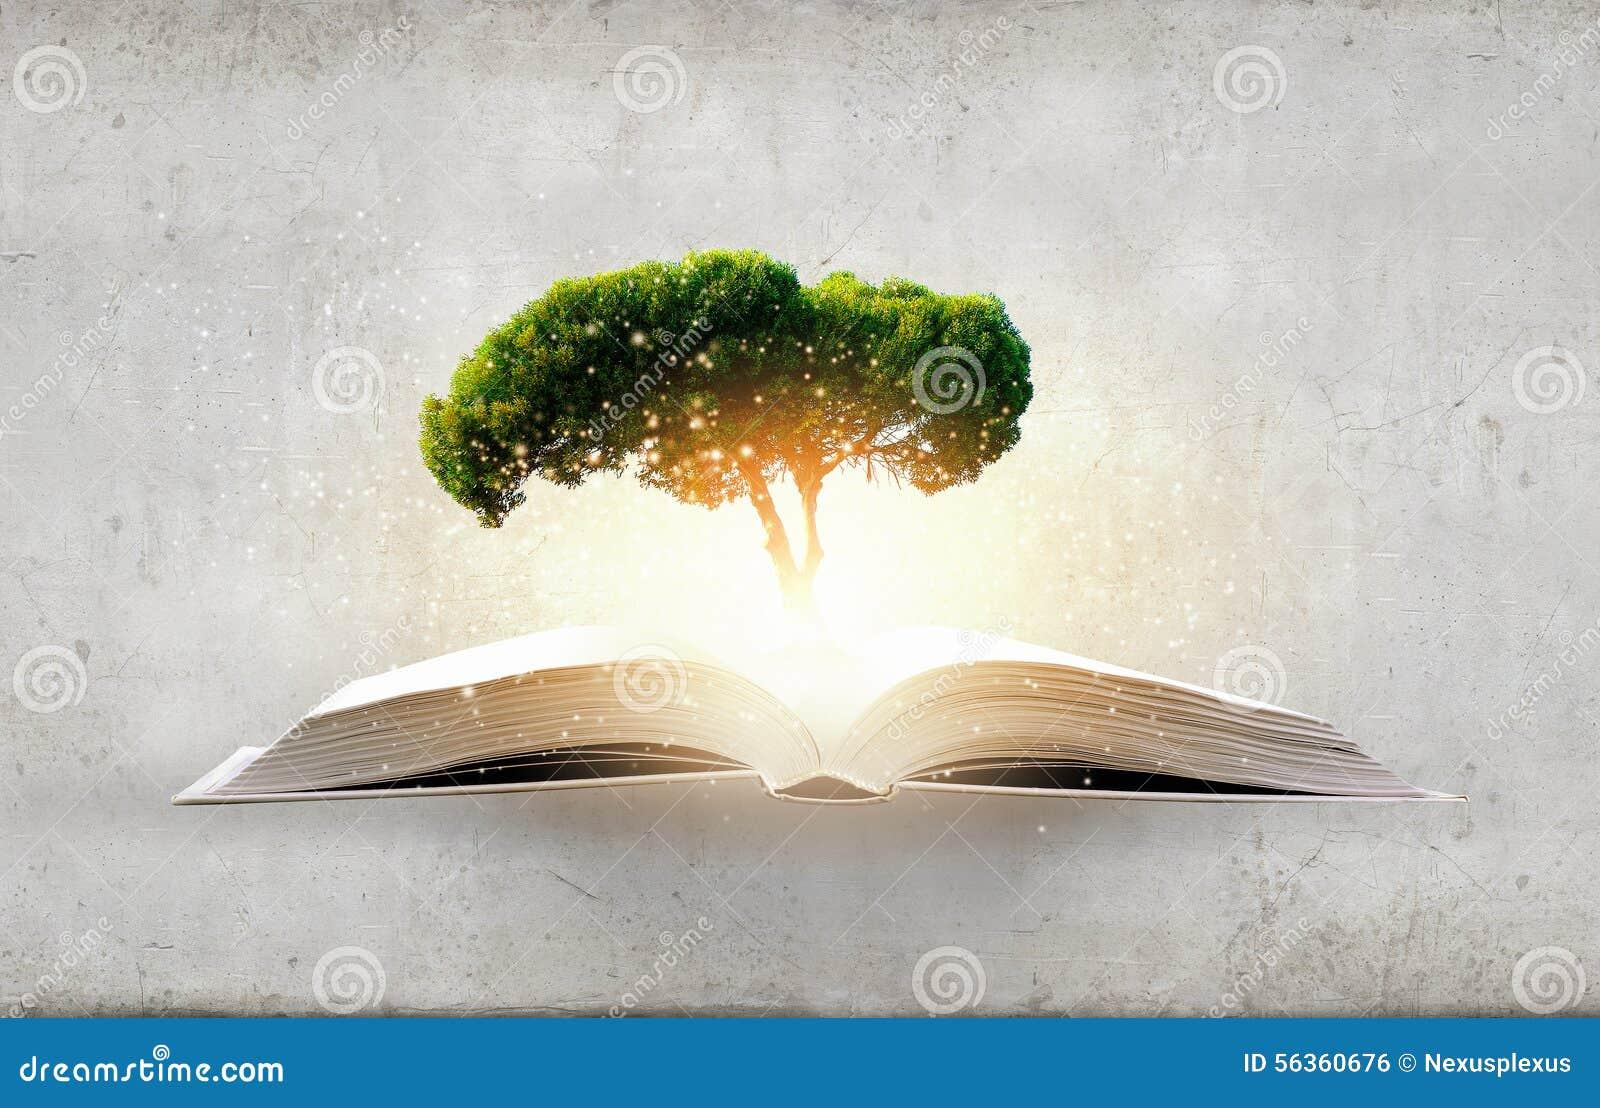 Czytać rozwija wyobraźnię